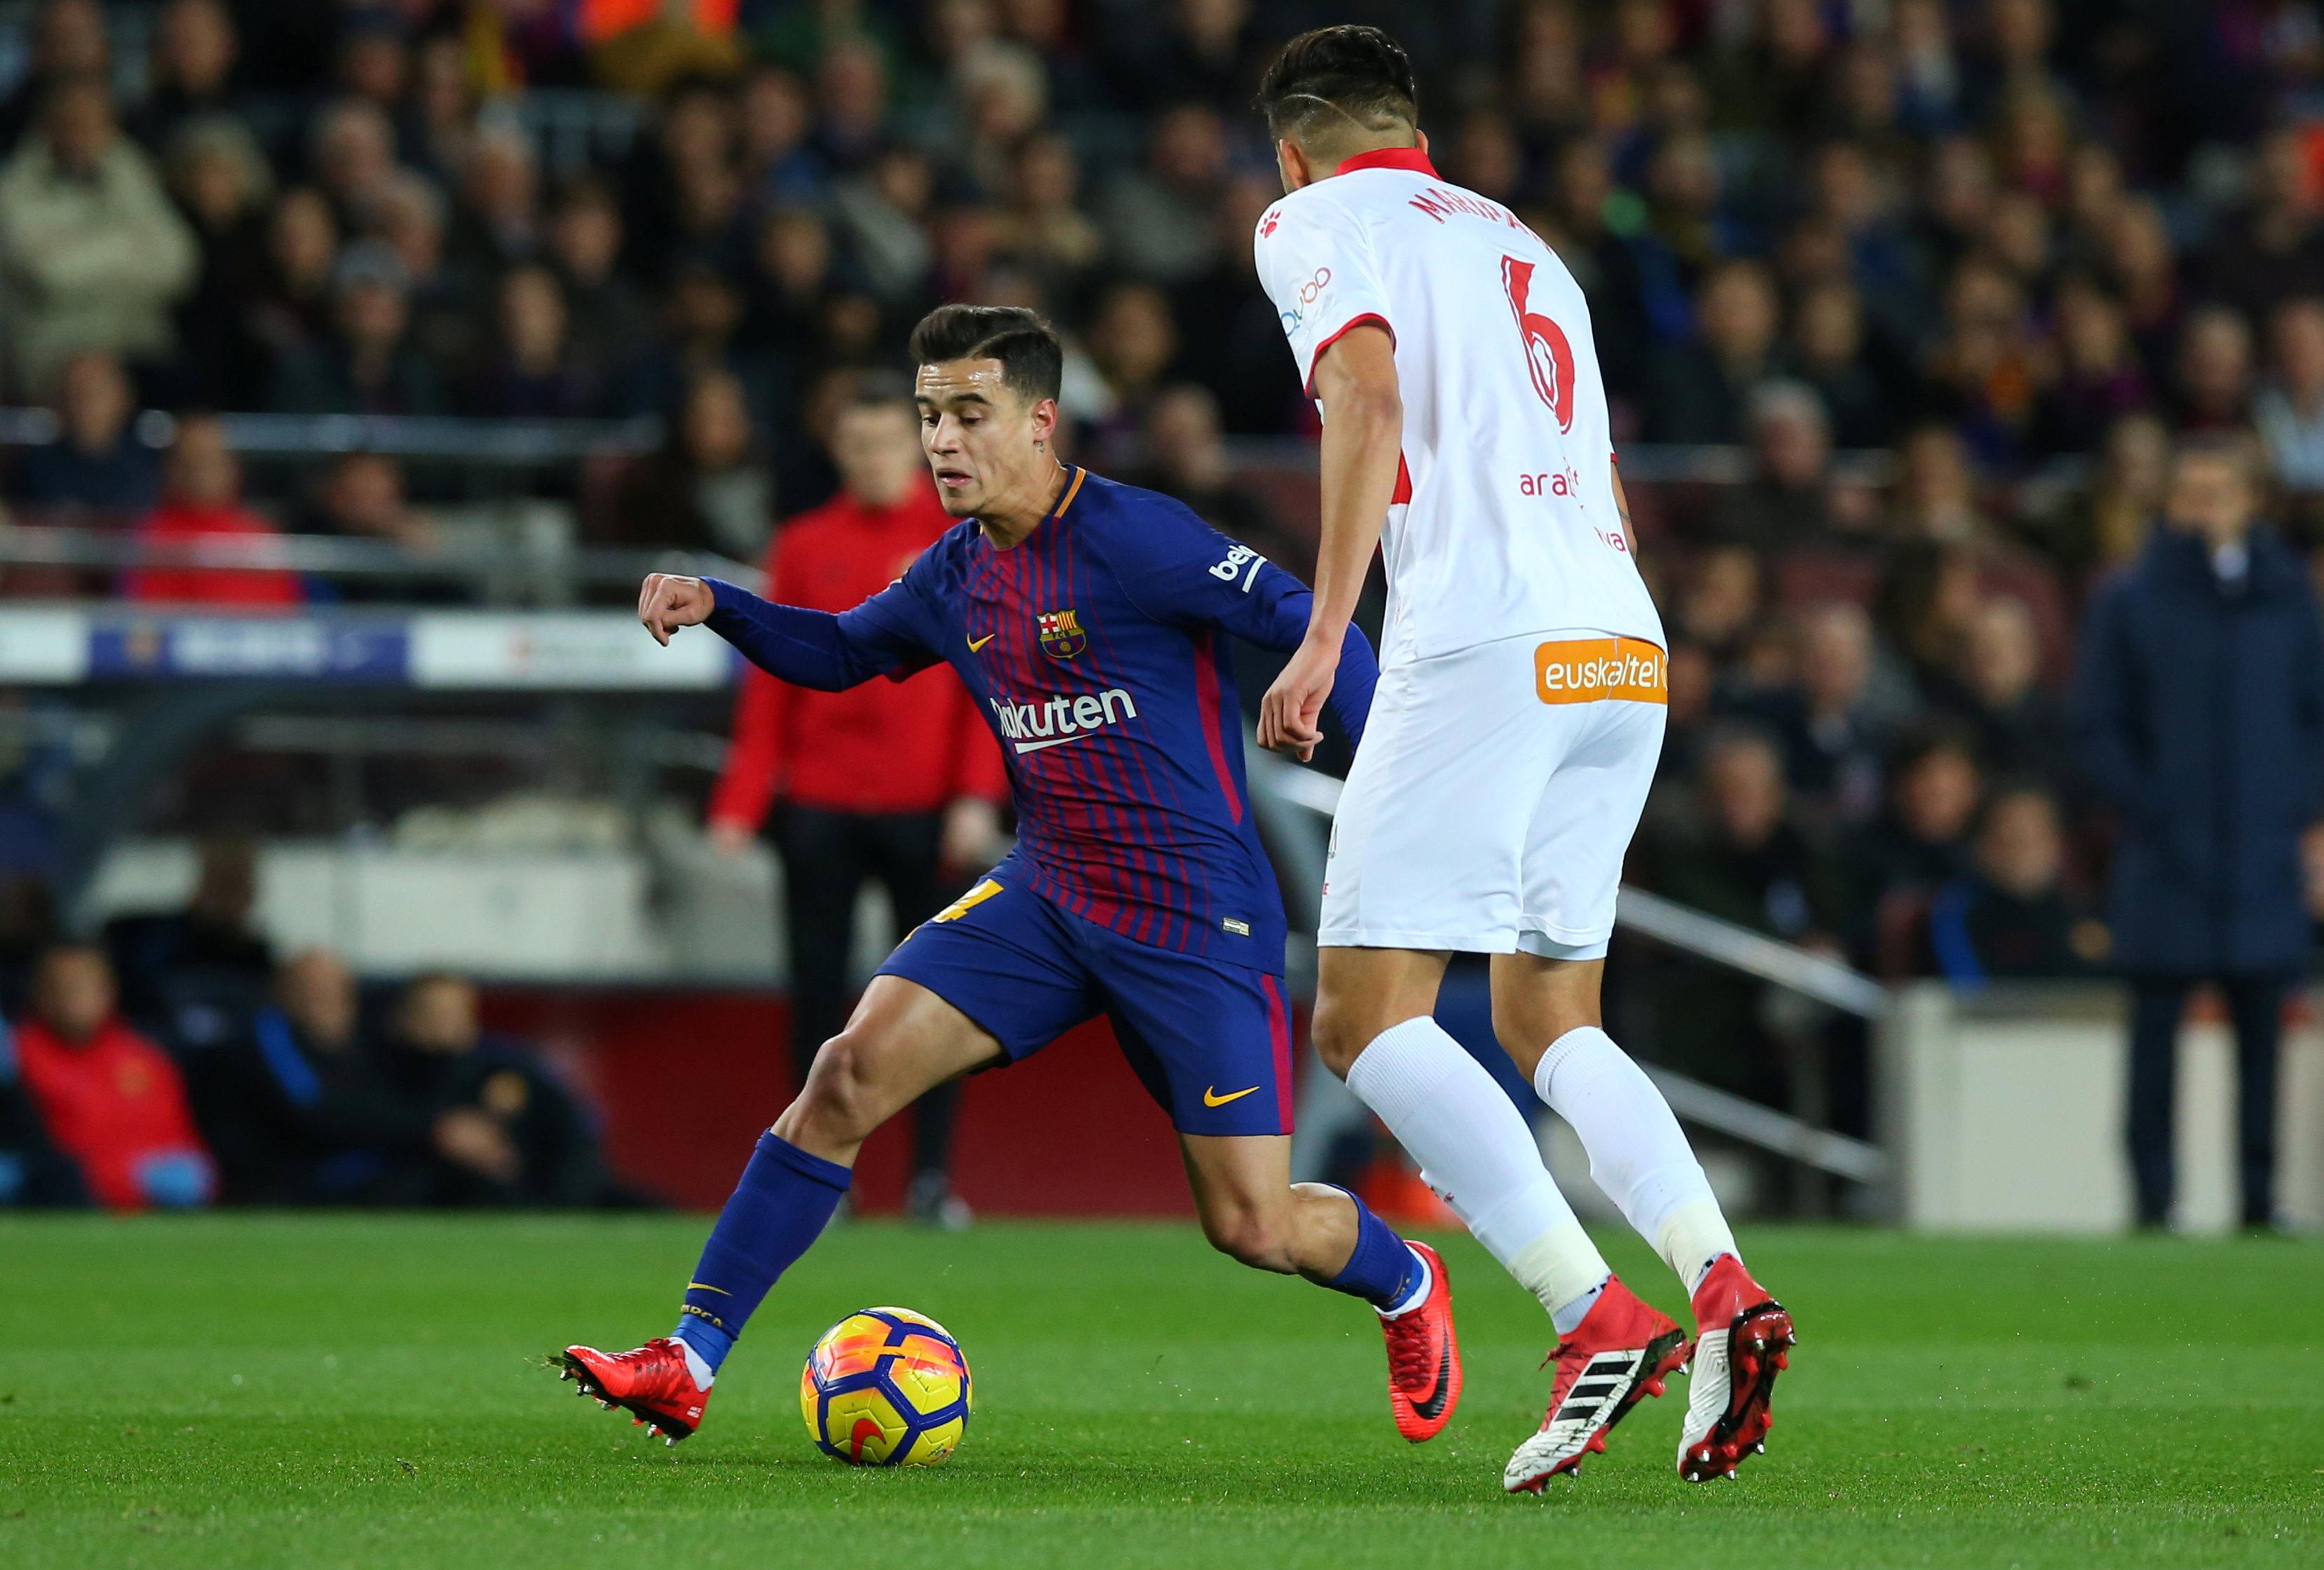 Suarez, Valverde defend Coutinho after quiet debut